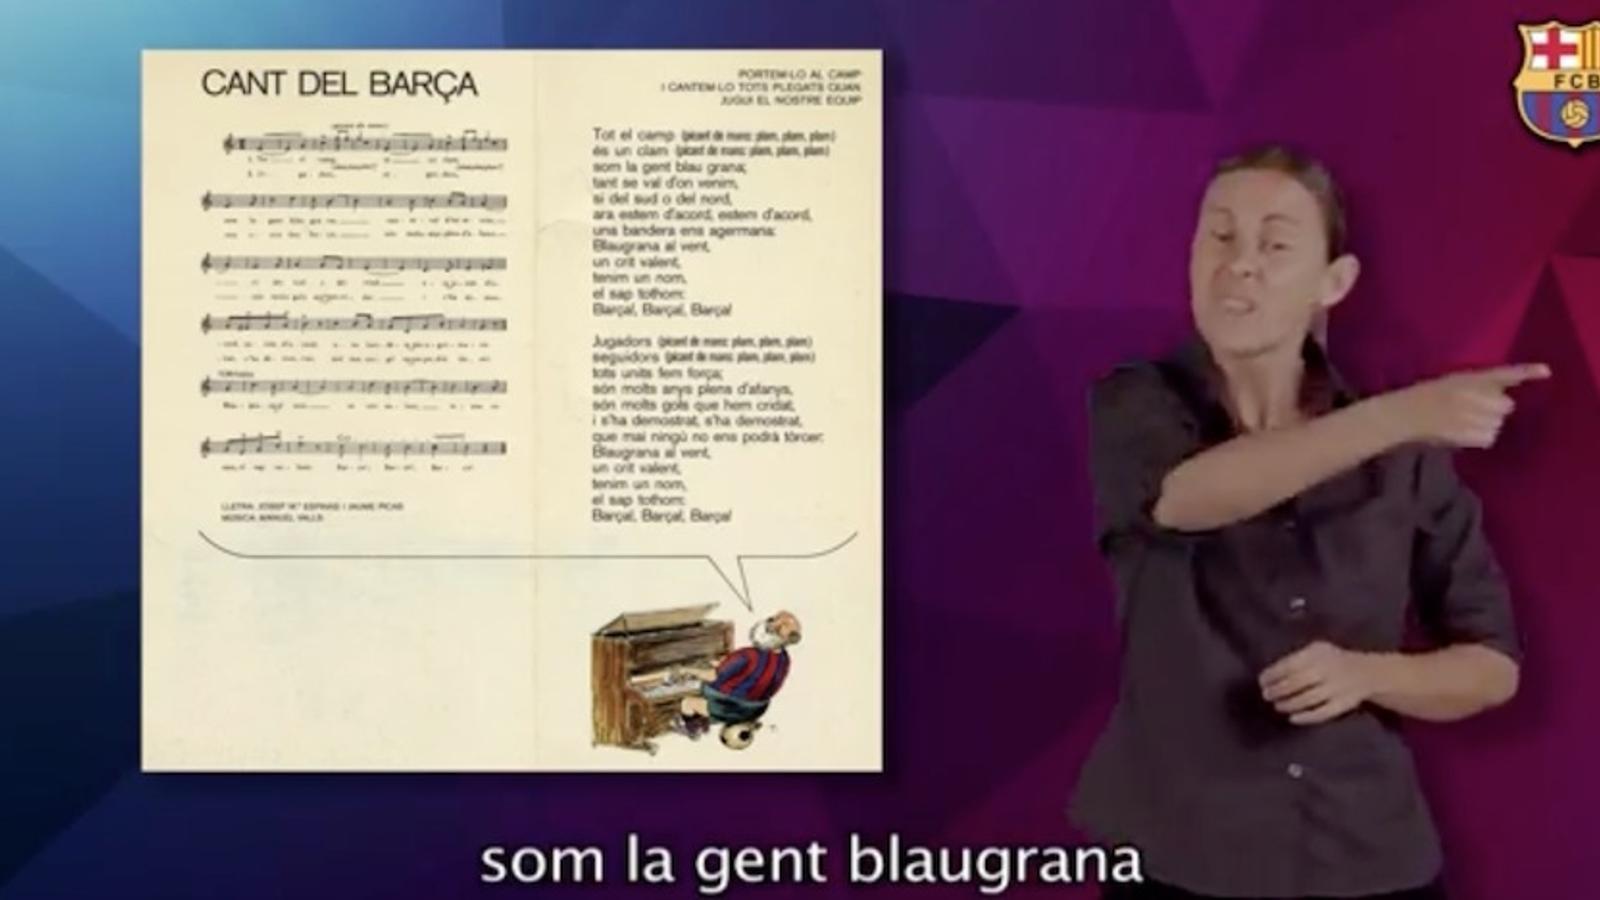 El cant del Barça, en llengua de signes catalana